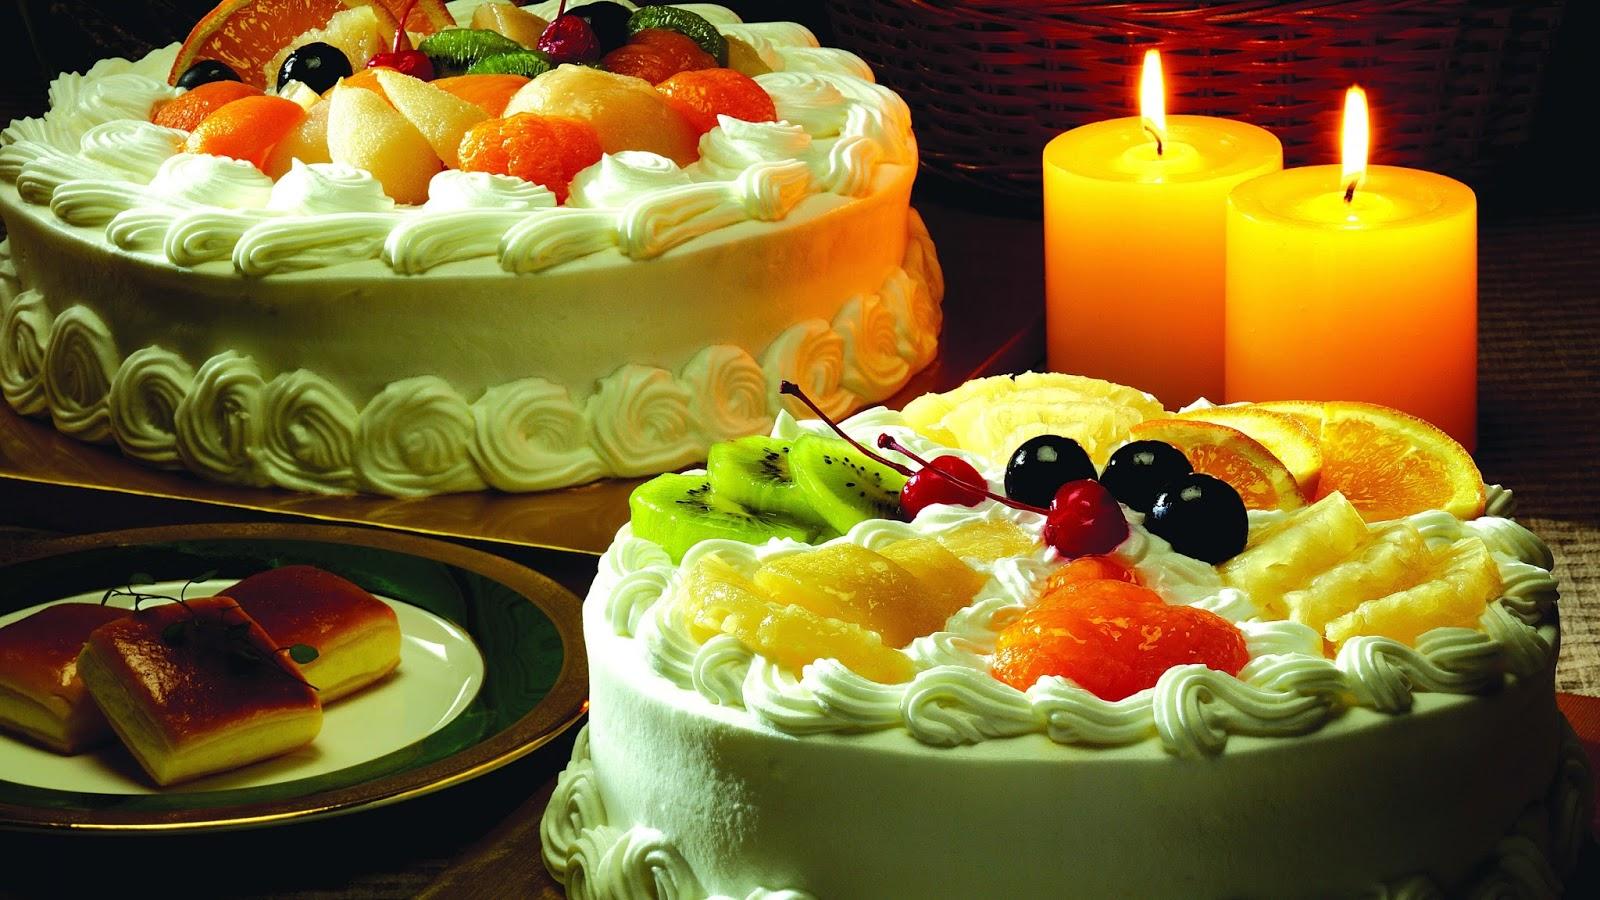 картинки на рабочий стол торты